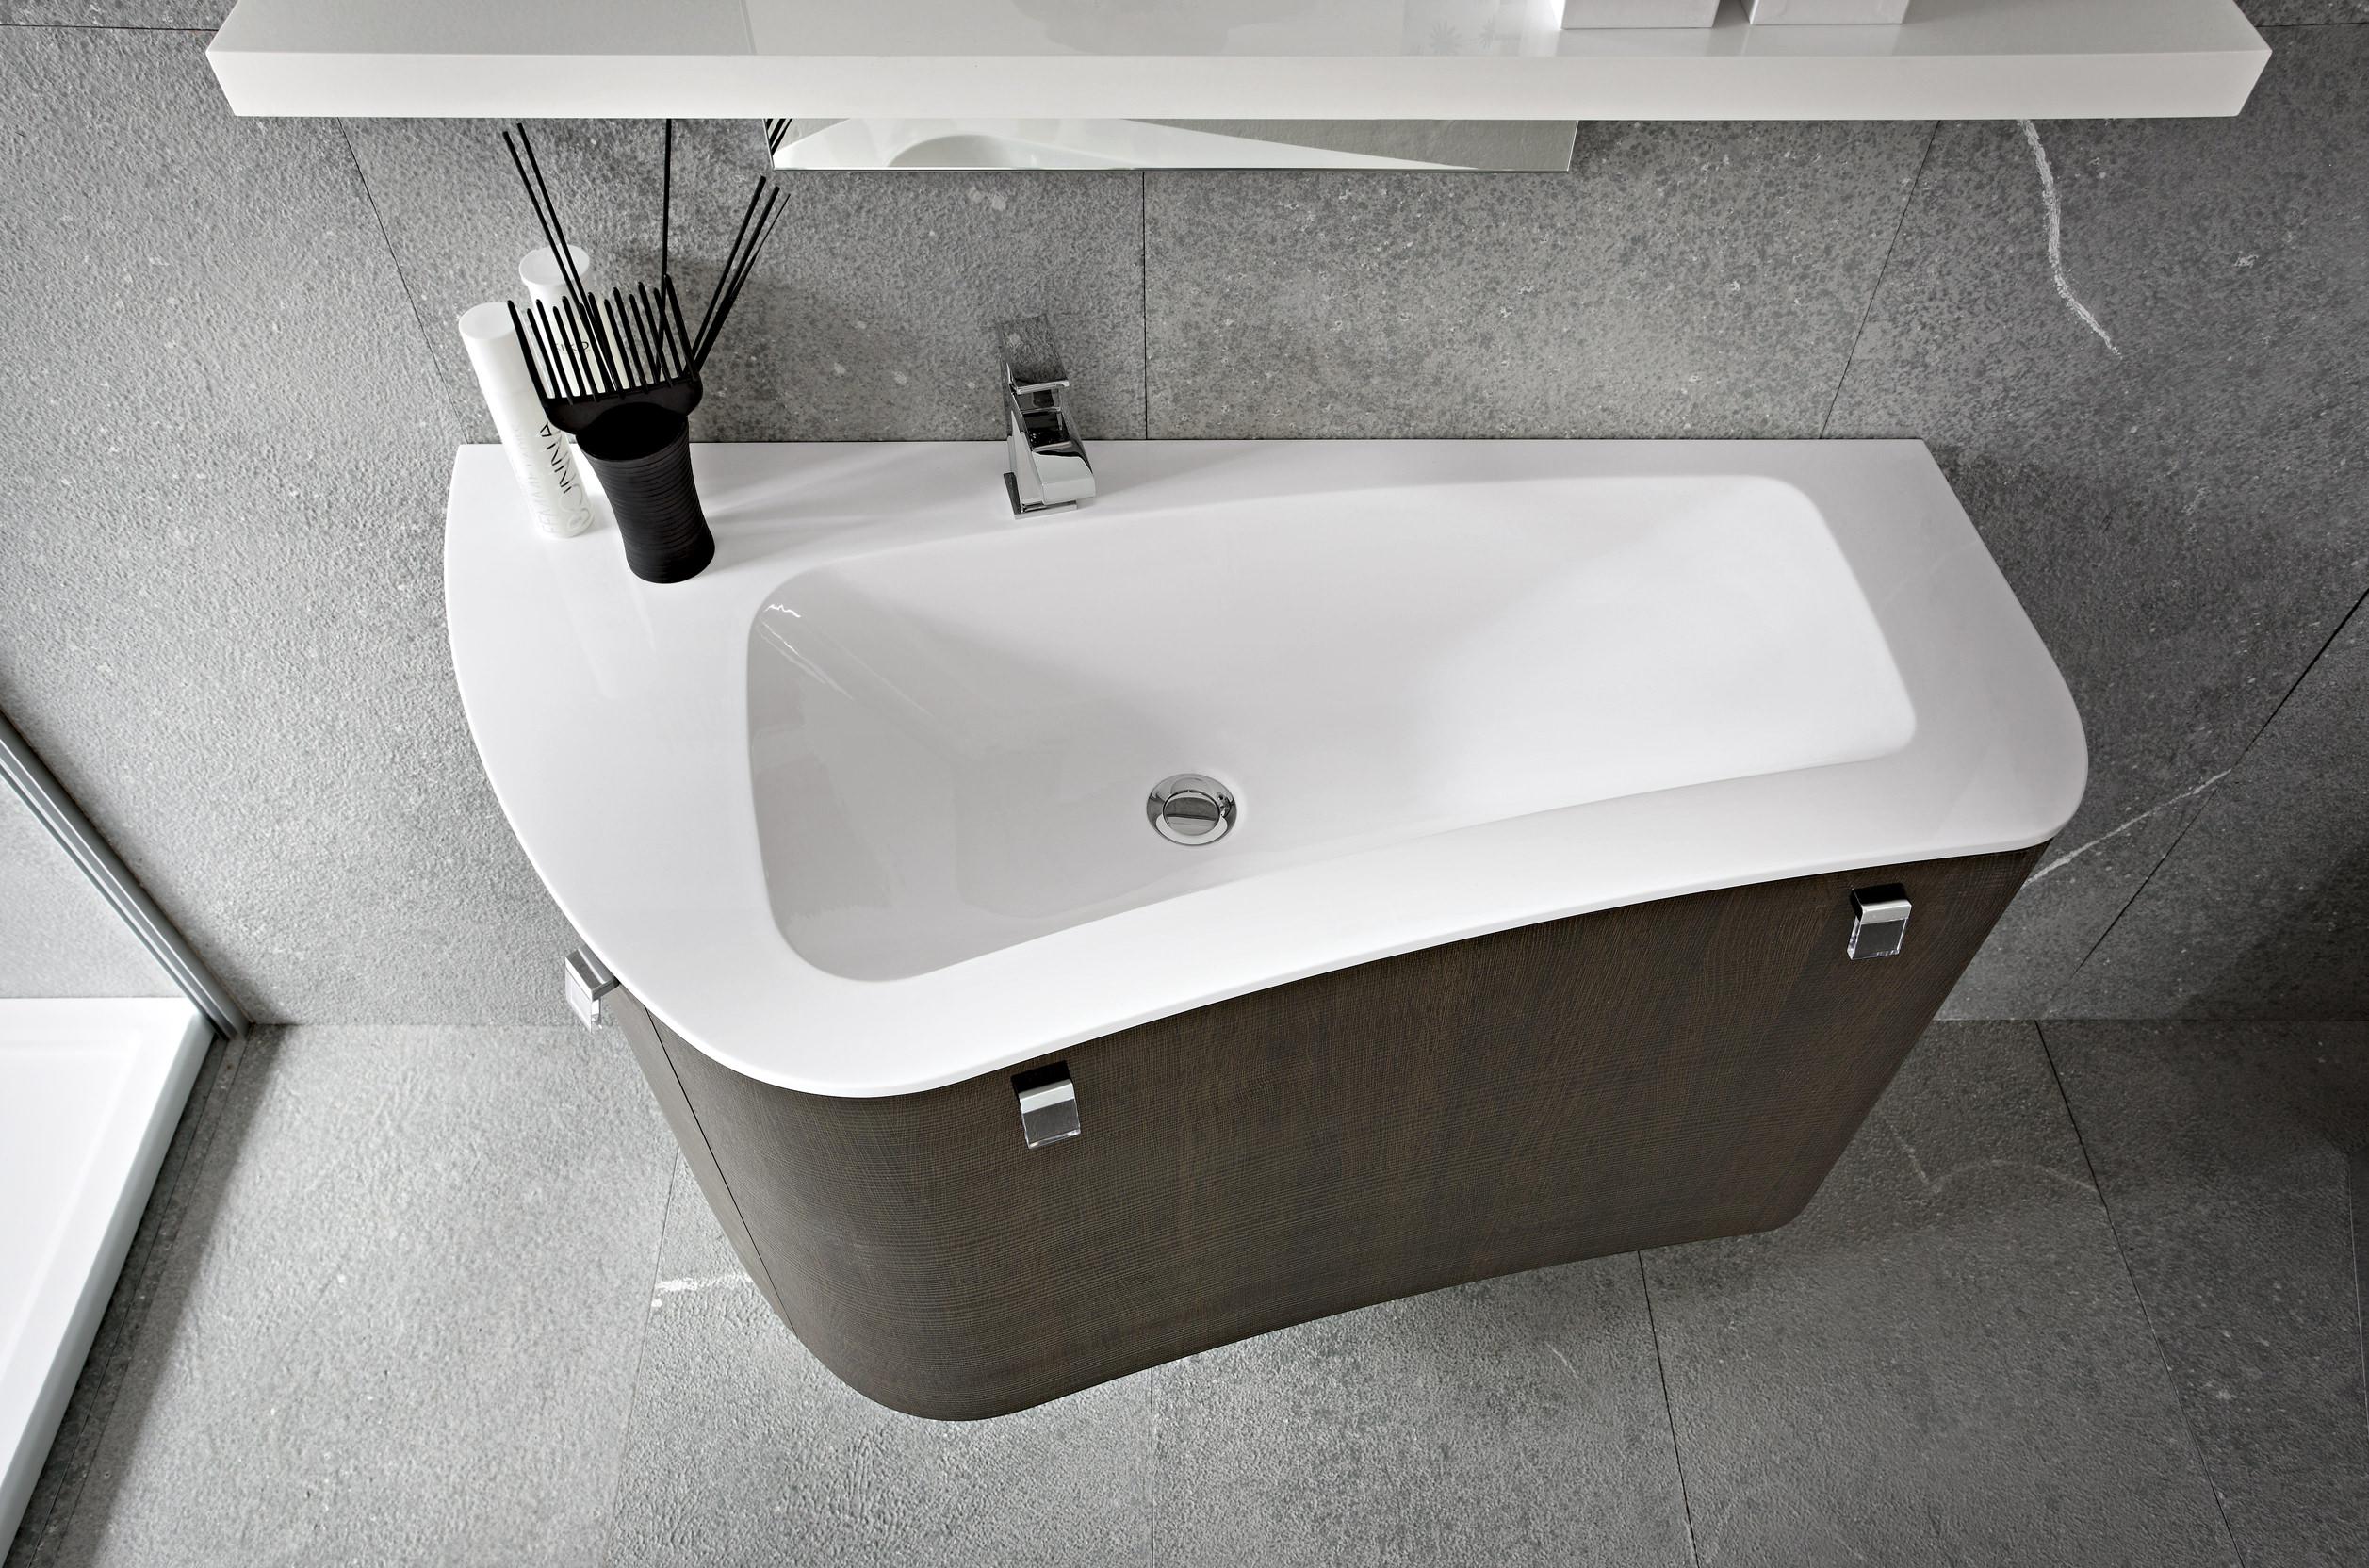 Mobili Da Incasso Per Bagno.Lavelli Bagno Da Incasso Perfect Mobile Bagno Con Lavabo In